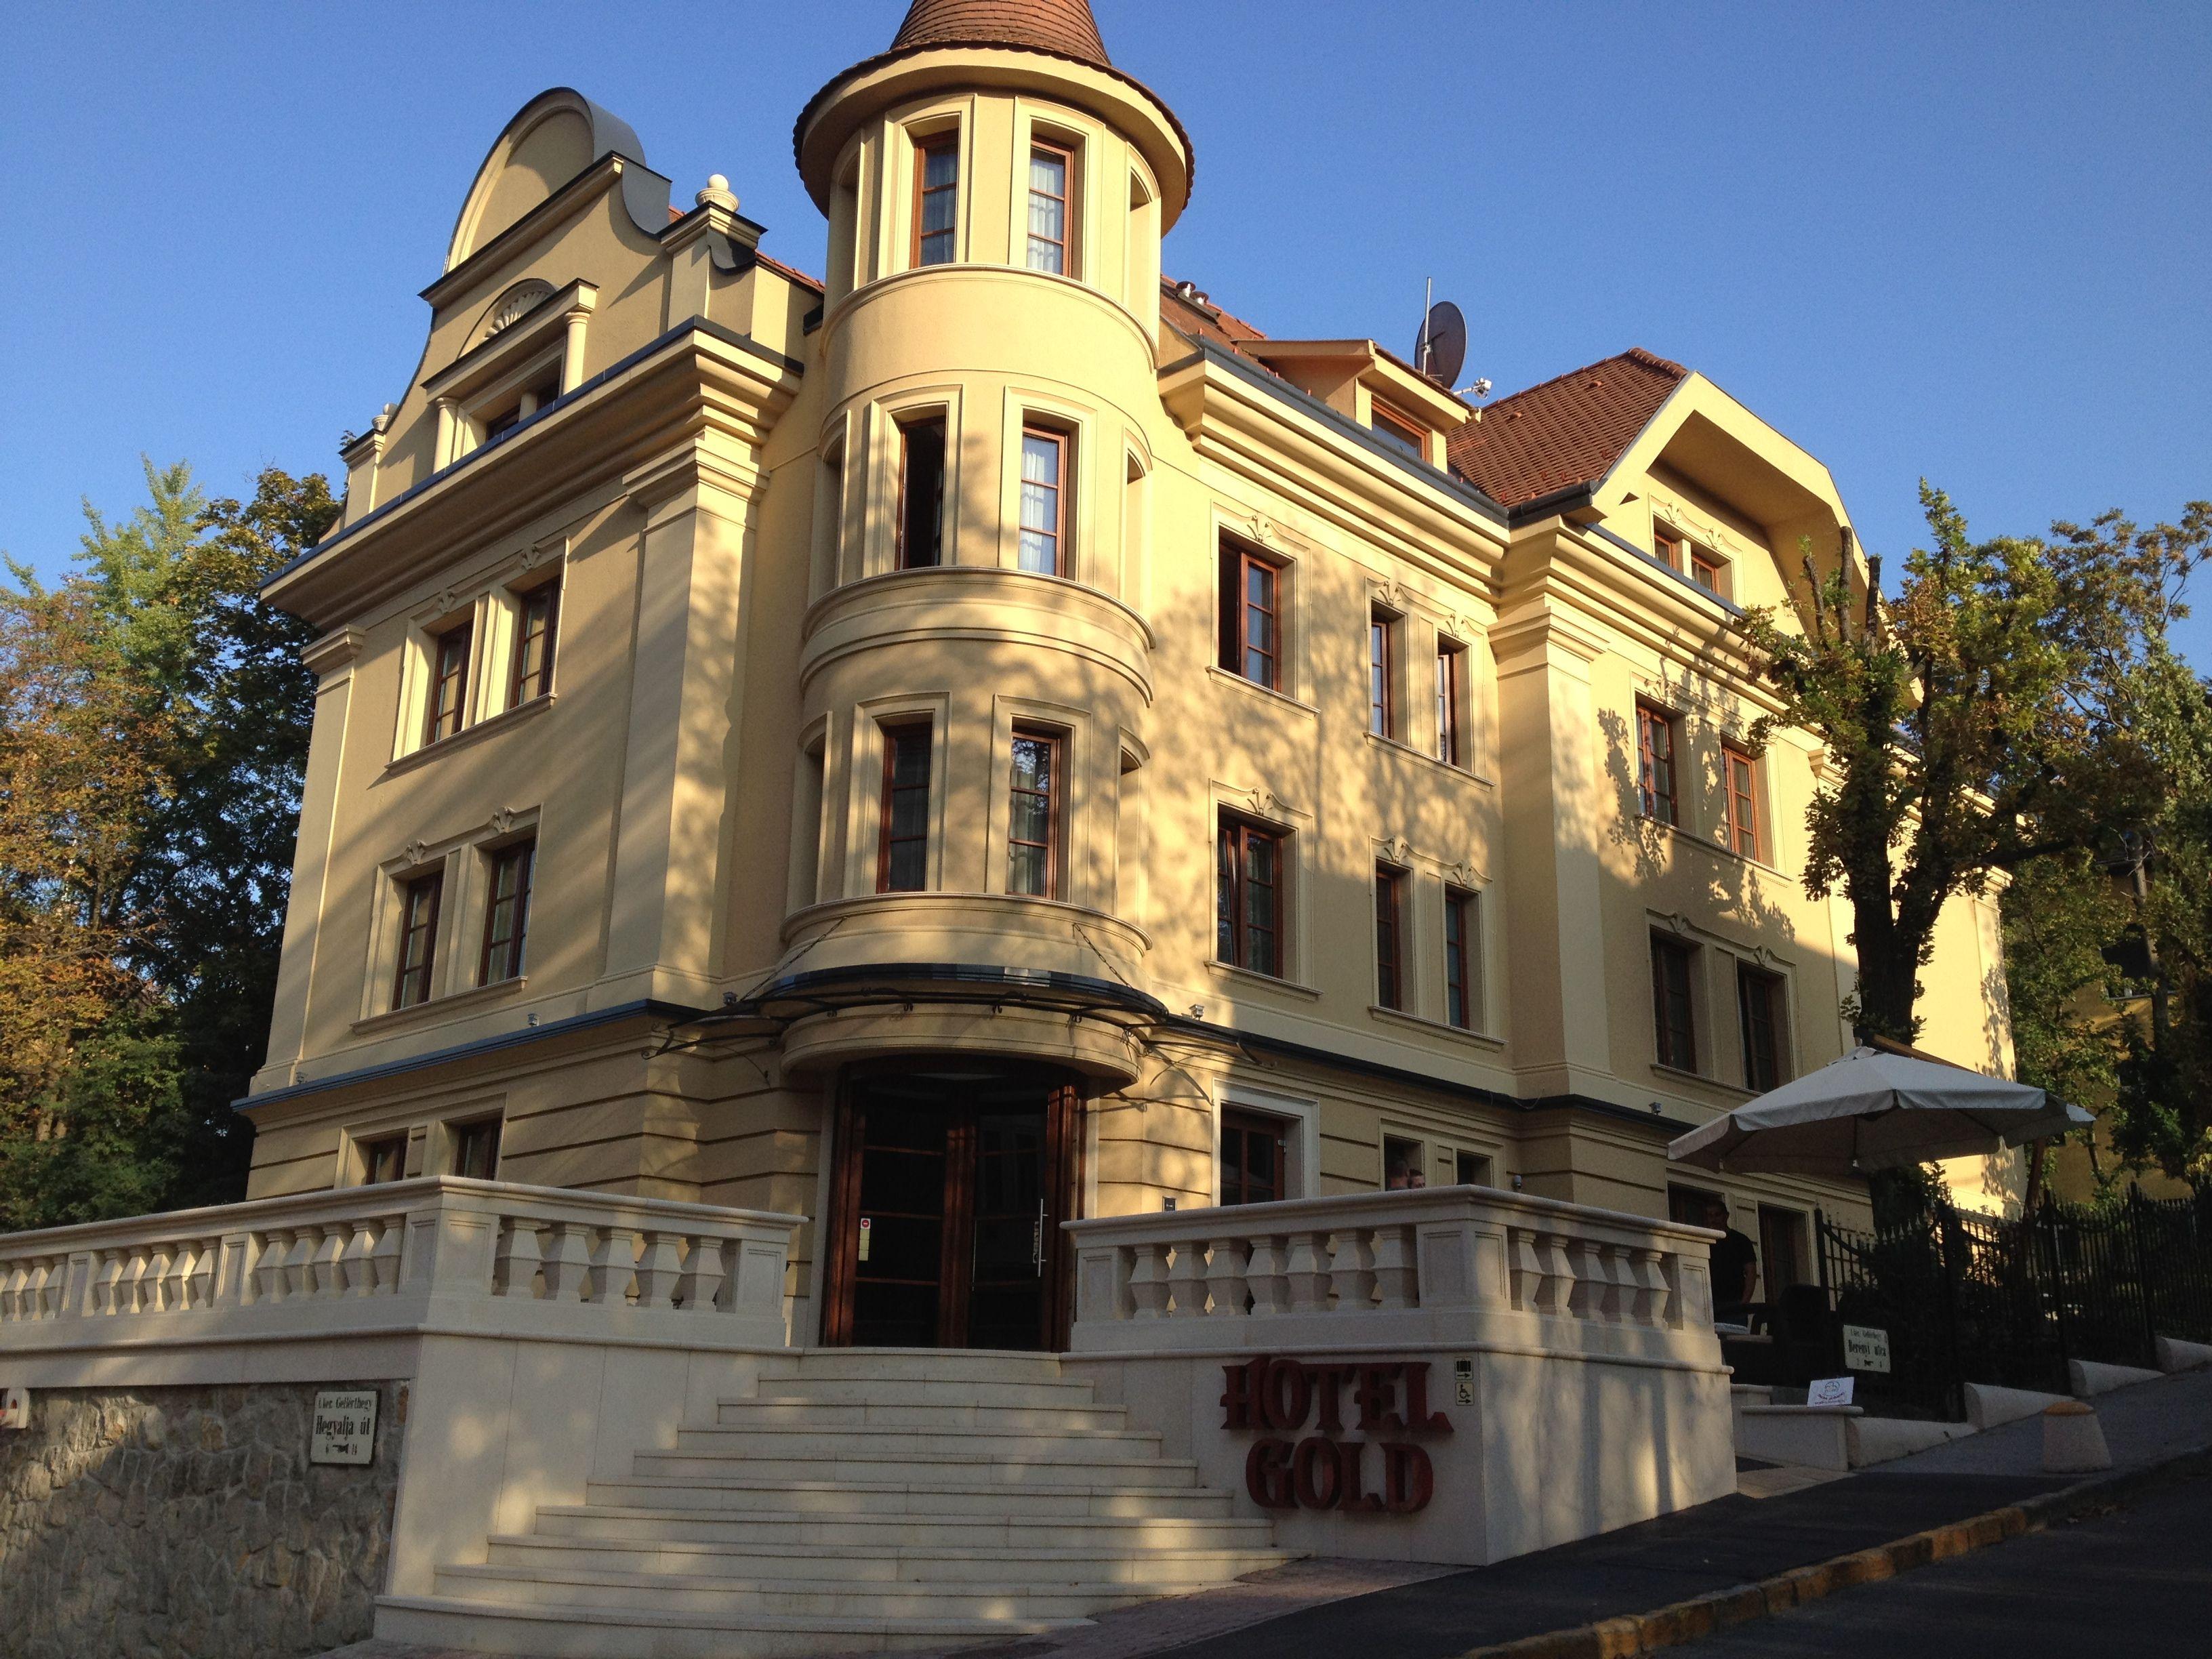 Hotel Gold épületének műemlék-jellegű homlokzat felújítása